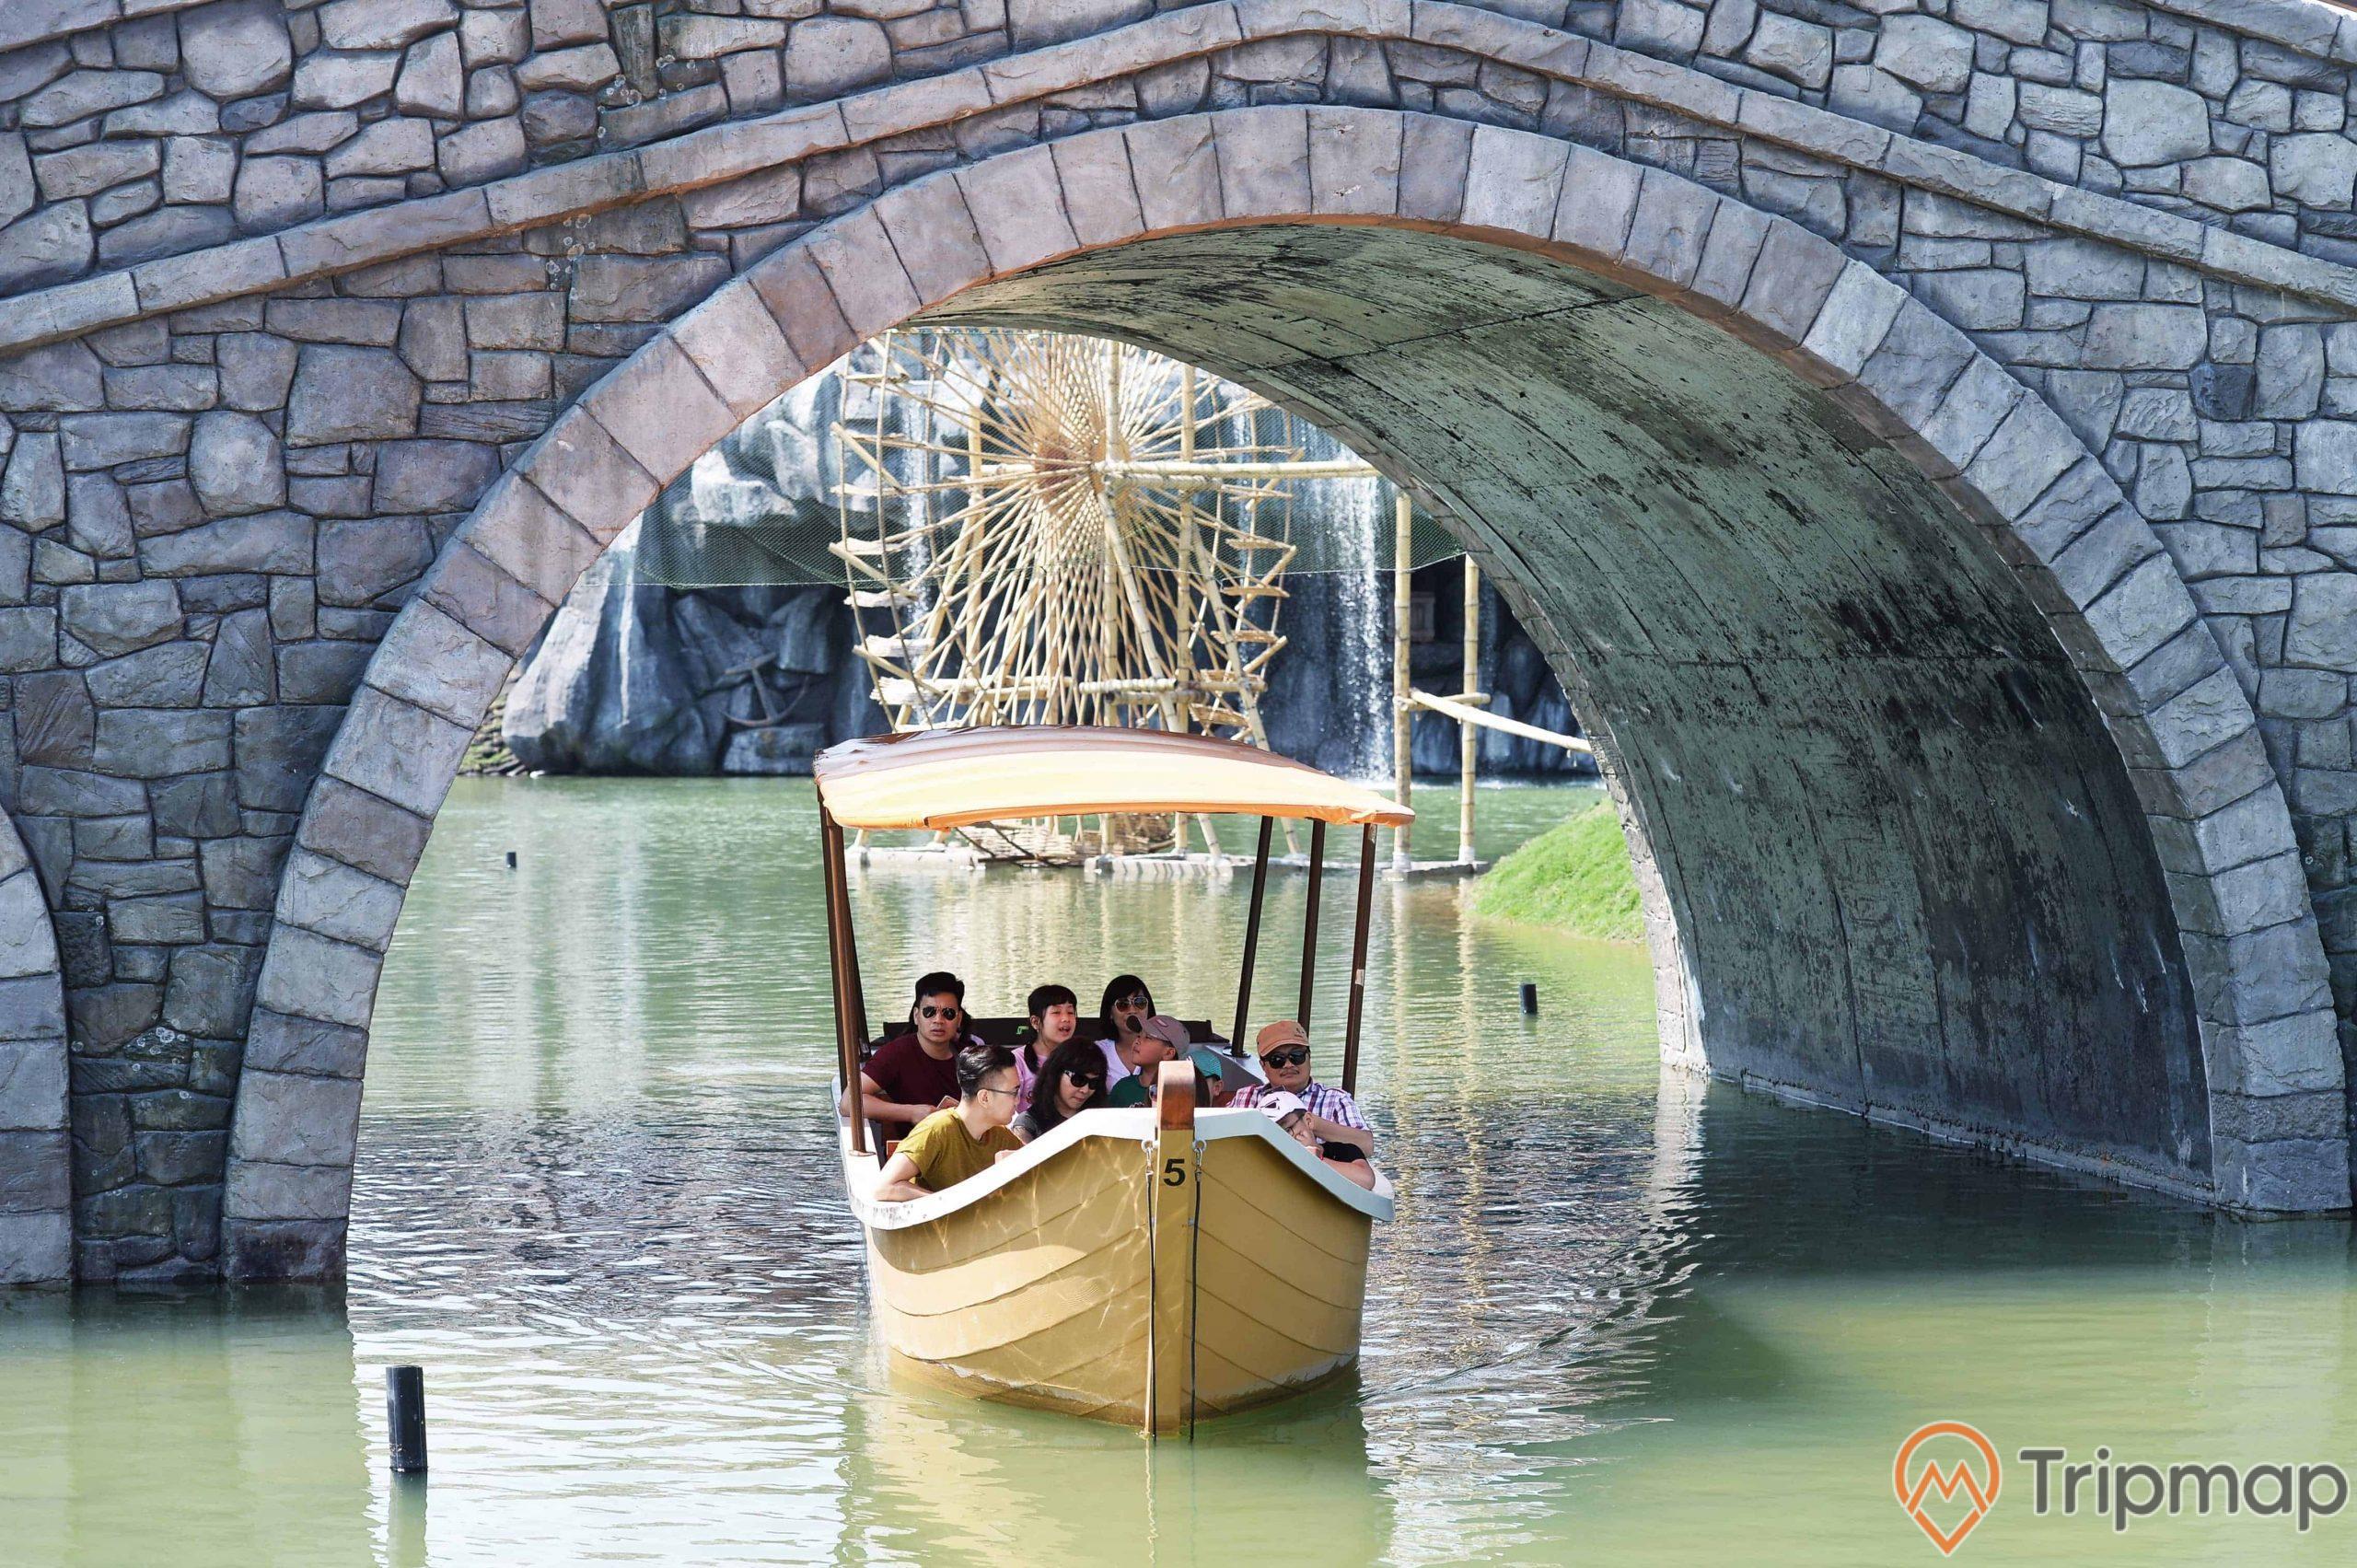 Chiếc cầu đá bắc qua dòng sông khiến du khách thích thú